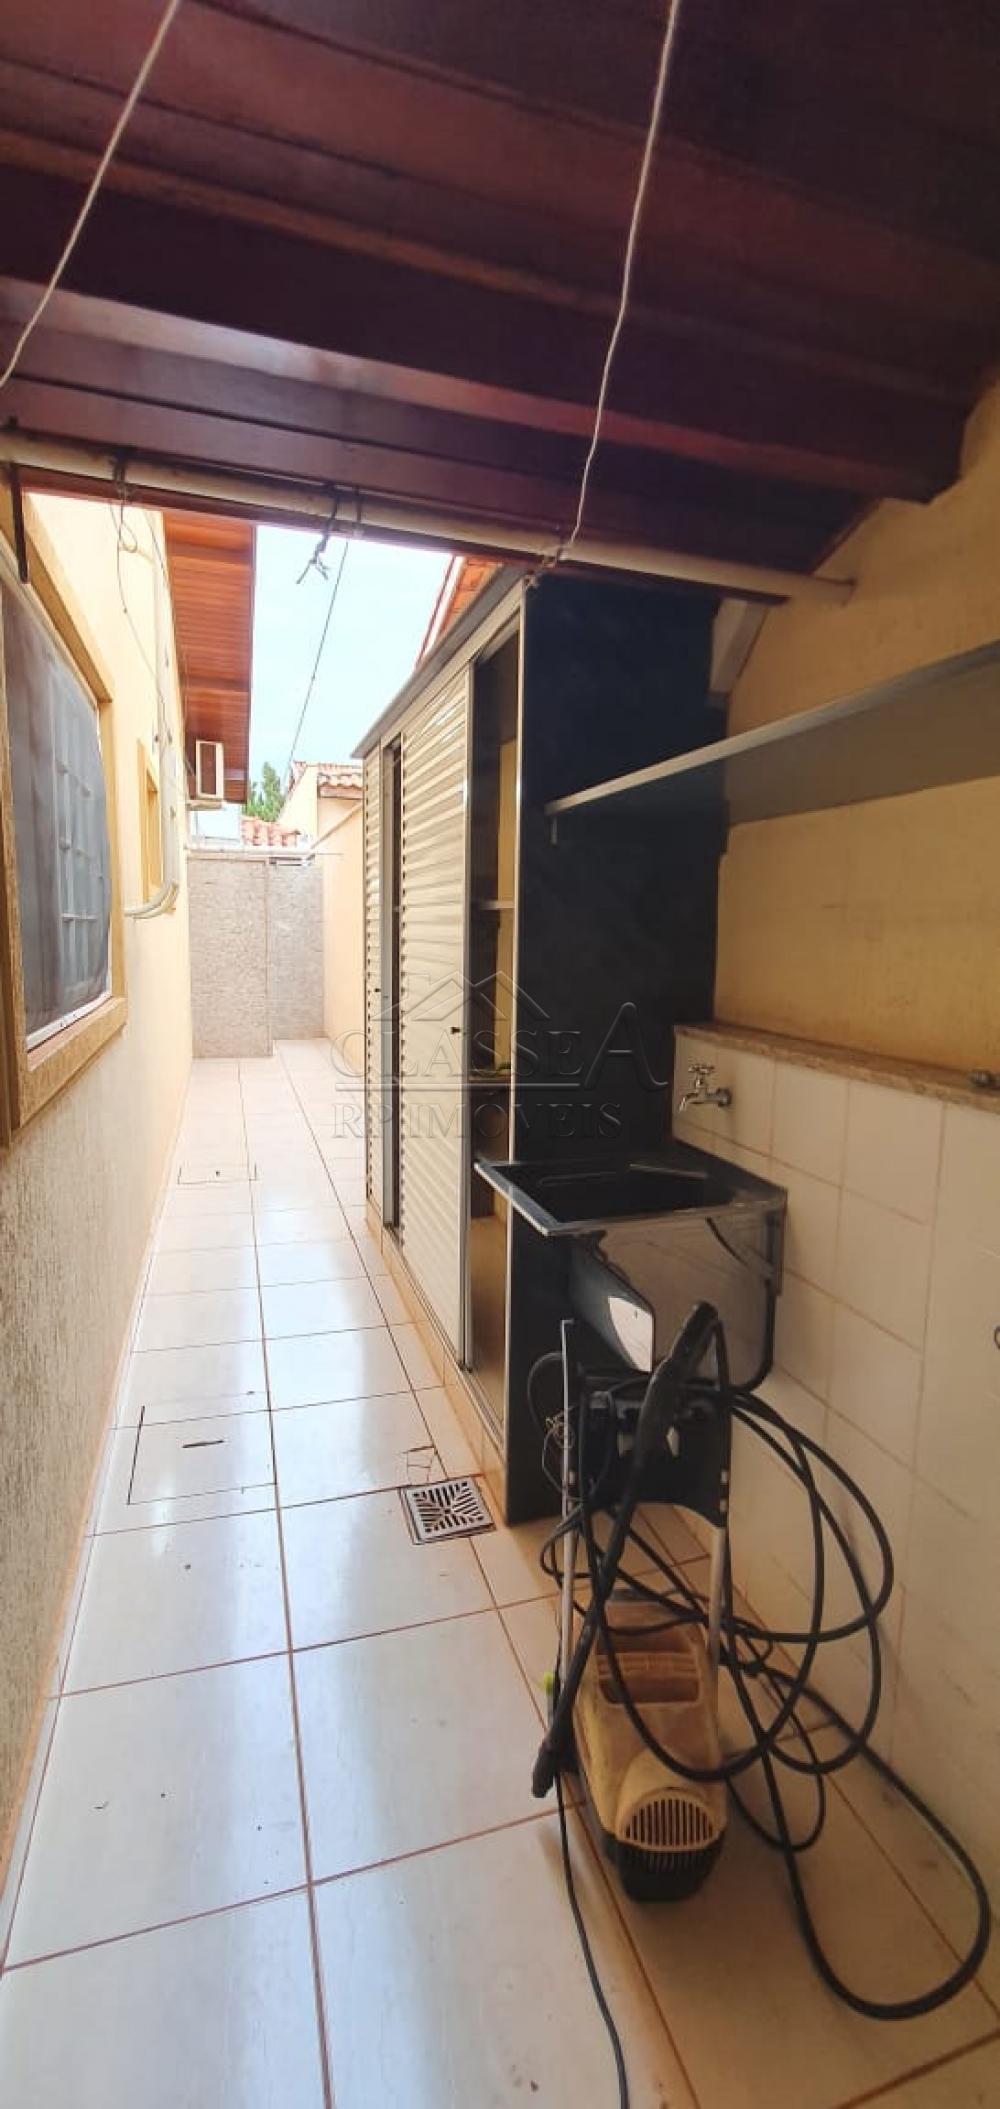 Comprar Casa / Condomínio - térrea em Ribeirão Preto R$ 650.000,00 - Foto 10